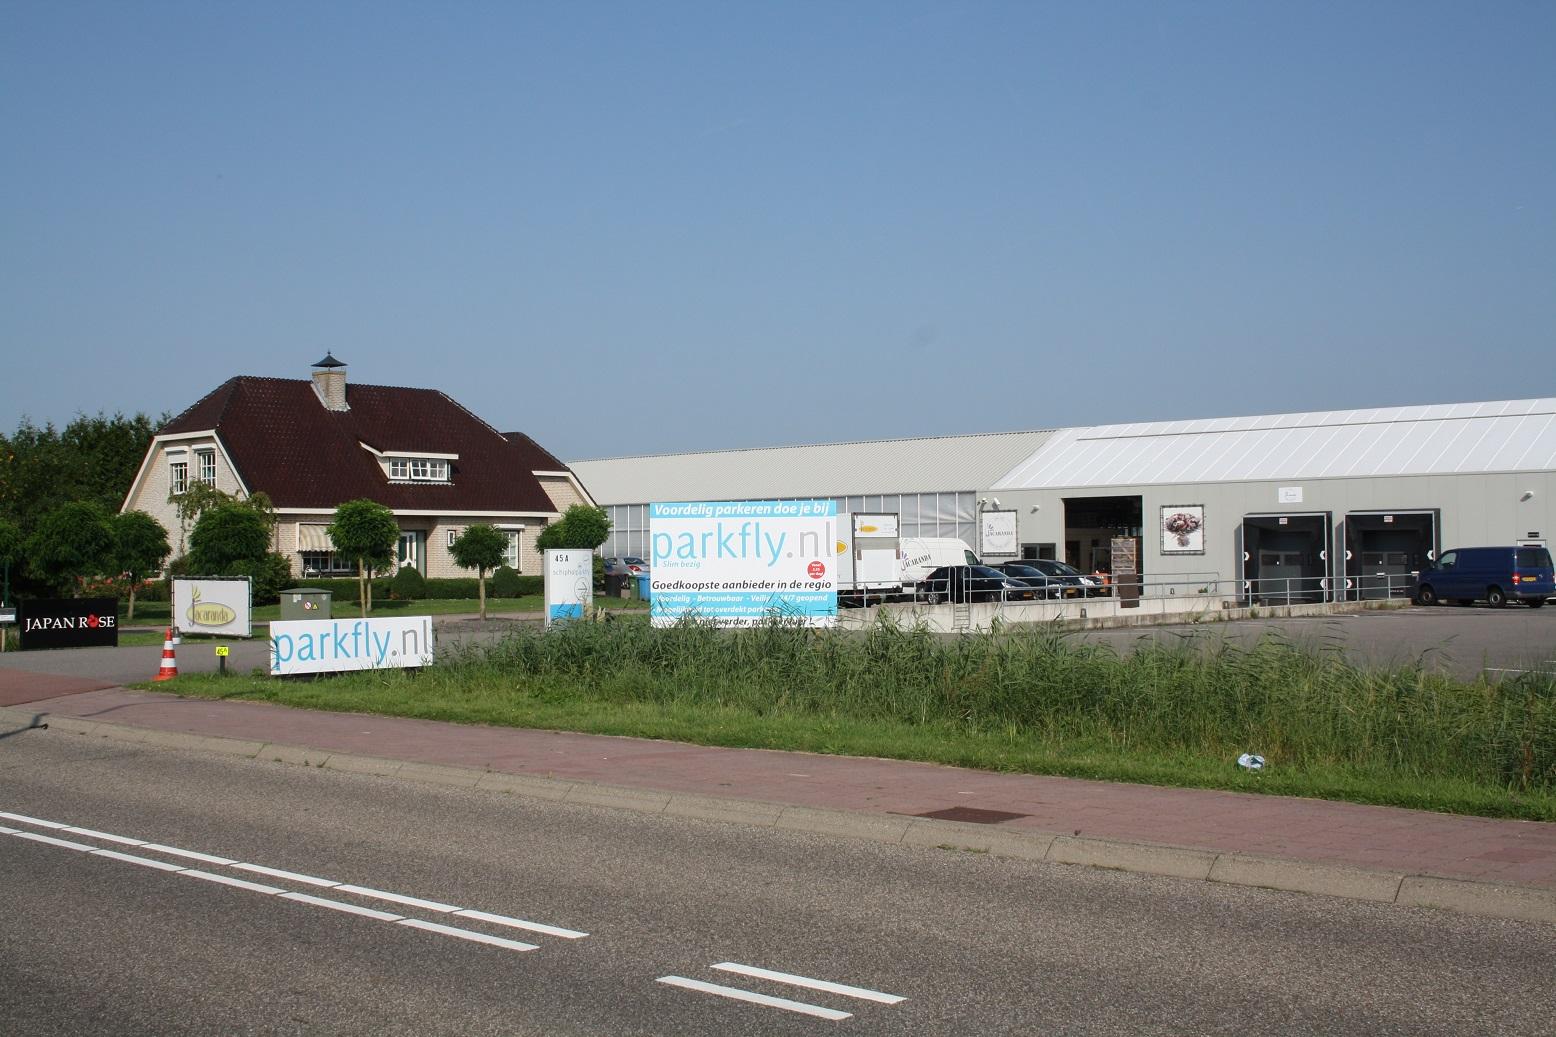 Parkfly.nl